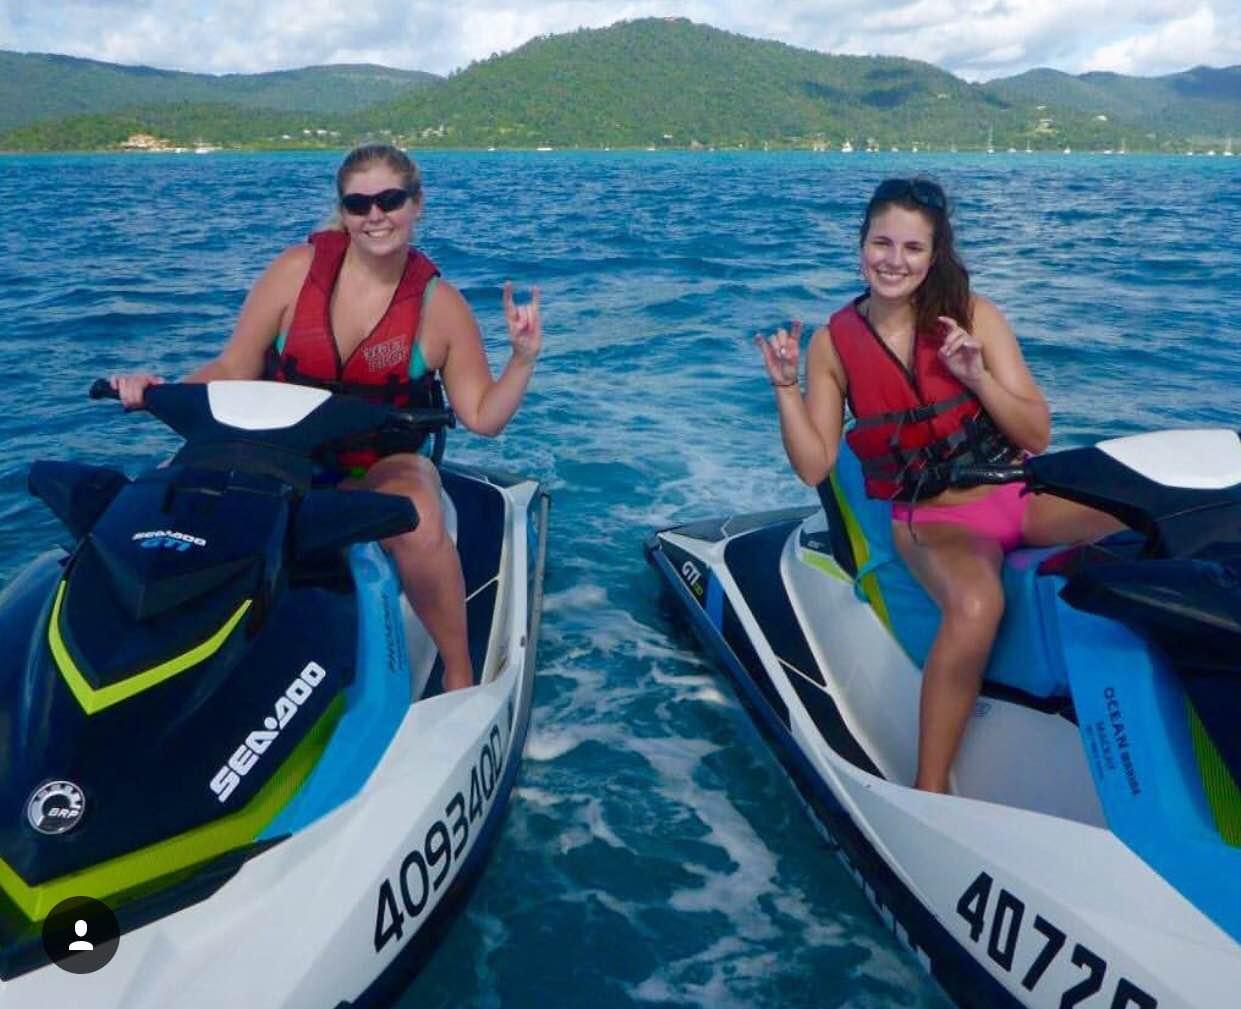 Australia Bond- Bailey Eames, Corey Conroy in Whitsunday Islands